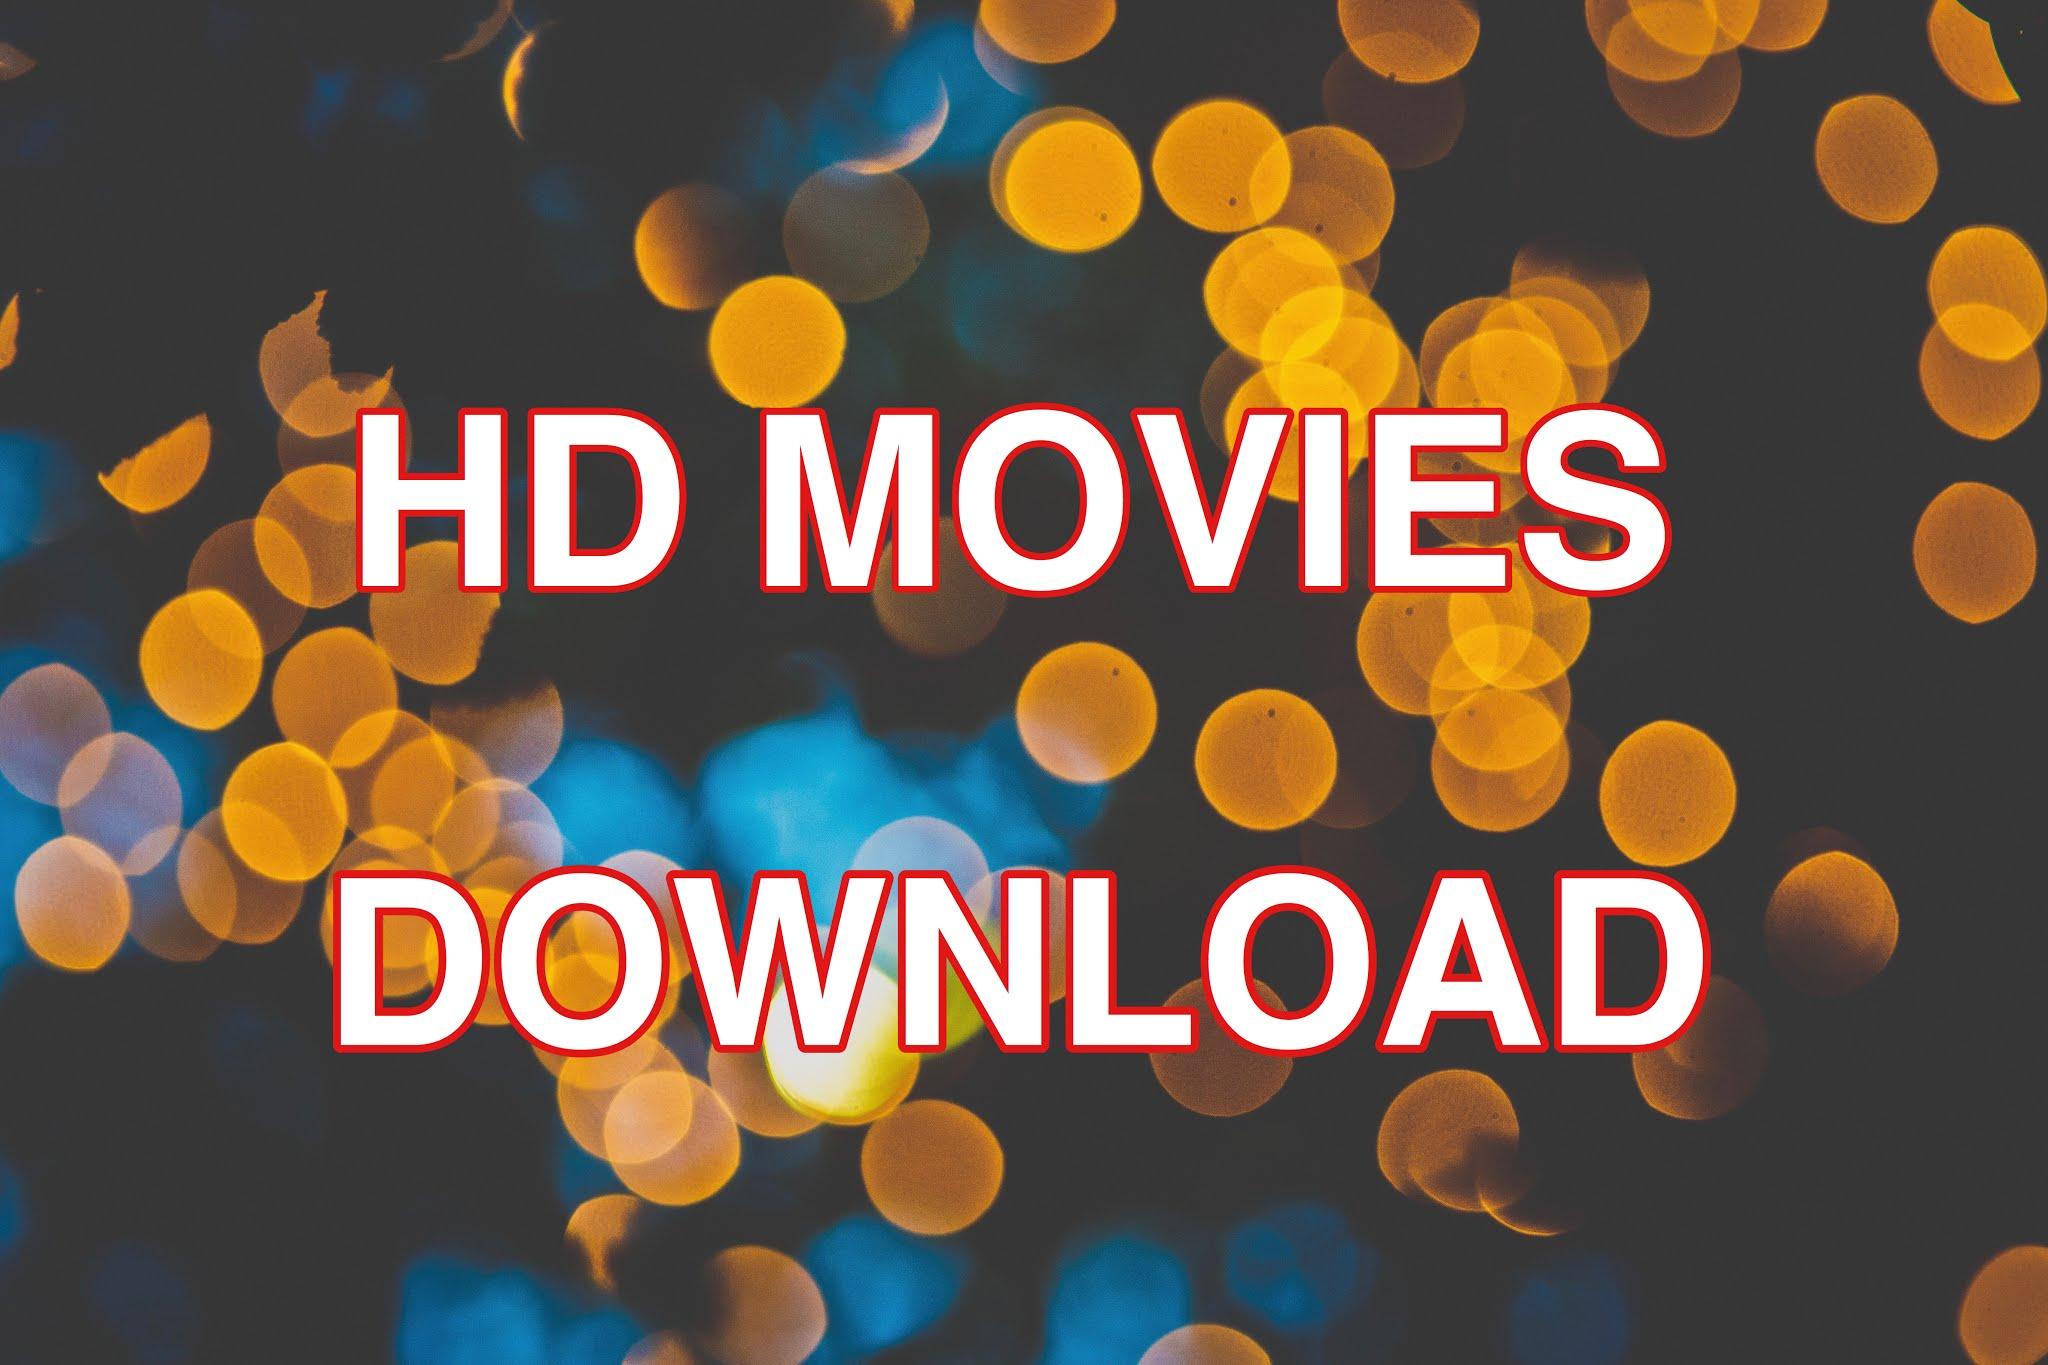 hd movies download-movie download app, दोस्तों जब भी हम ज़िंदगी में बोर होने लग जाते हे तो हमें इंटरटेनमेंट की ज़रूरत पड़ती हे और हम कुछ ऐसा उपाय खोजते हे जो मूँड़ फ़्रेश कर दे तो इसके लिए हम song सुनते हे game खेलते हे या फिर free HD movie देखना पसंद करते हे और एक और बात ये हे की HD movie ही आपको बोर होने से बचा सकती हे क्योंकि उसको देखने से आँखो में भी एक सकूँन मिलता हे अगर आप अपने किसी भी दोस्त से पूछे की वो ख़ाली समय में क्या देखना पसंद करेंगे तो उनका जवाब होगा free HD movie या कोई अच्छा नाटक या song सुनना पसंद करेंगे या News देखना पसंद करेंगे   hd movies download